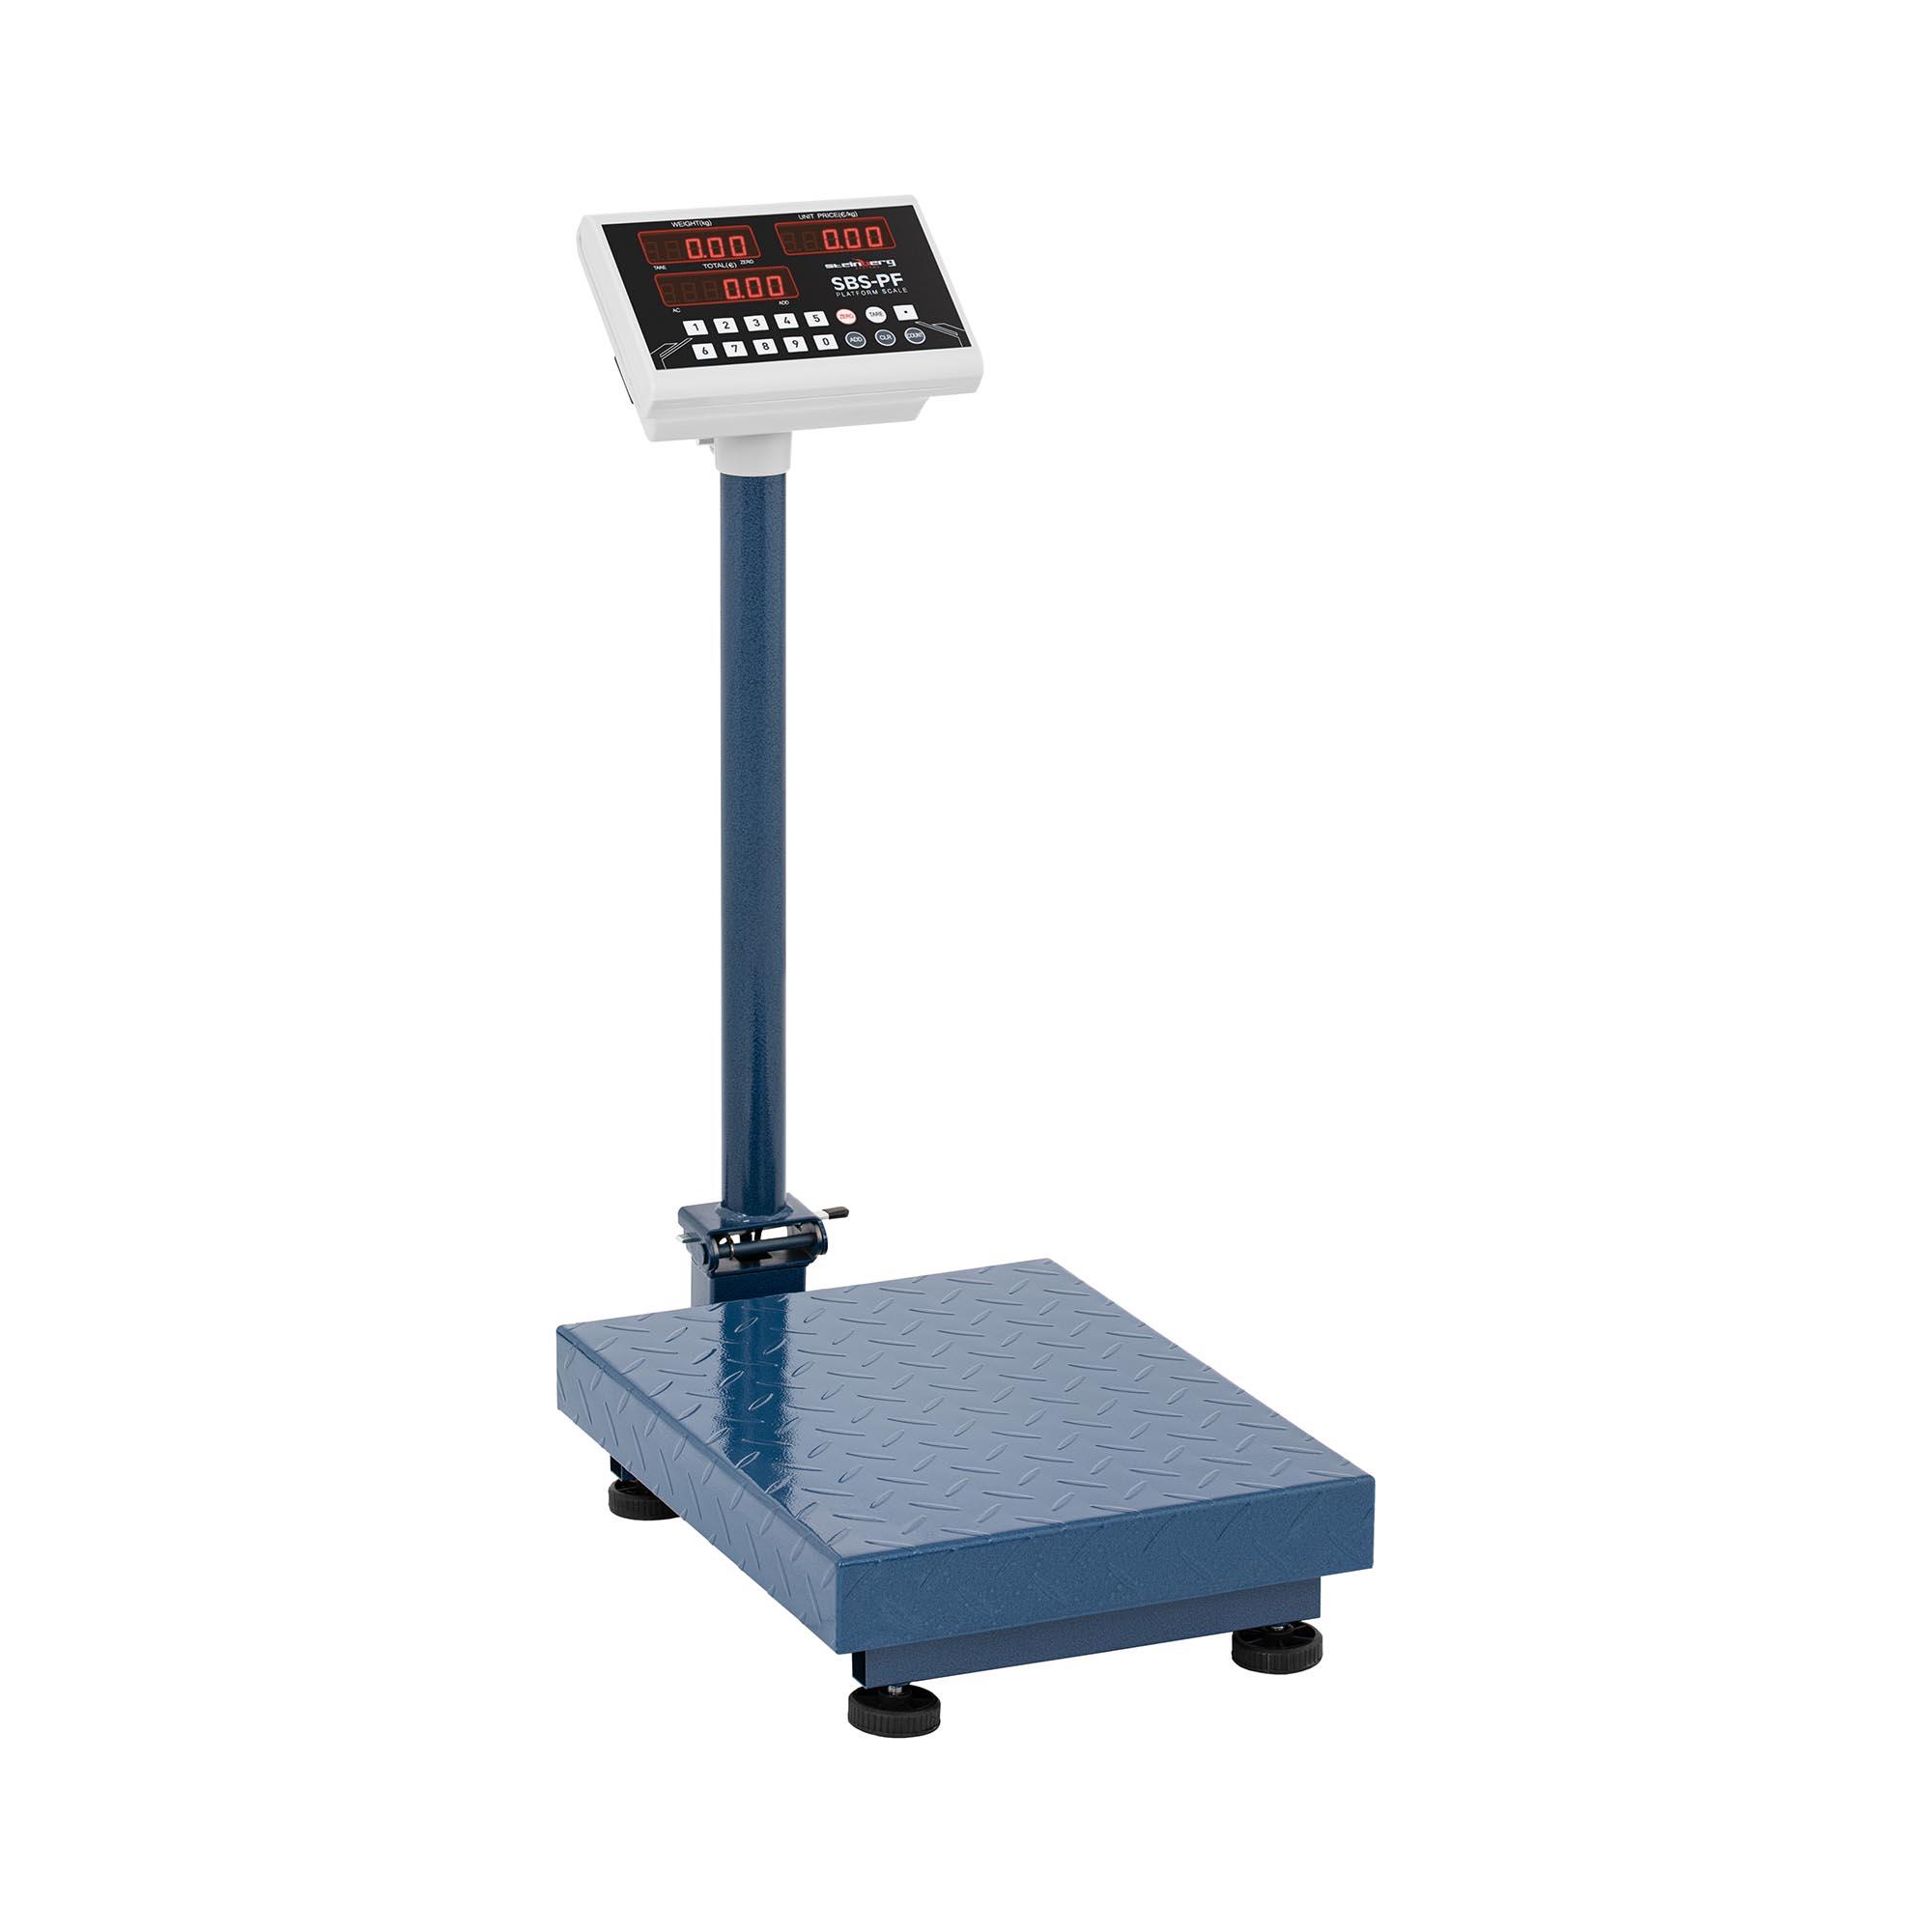 Steinberg Systems Plattformwaage - 100 kg / 10 g - 40 x 30 cm - klappbar SBS-PF-100A8 KLAPPBAR/ WAGA PLATFOR